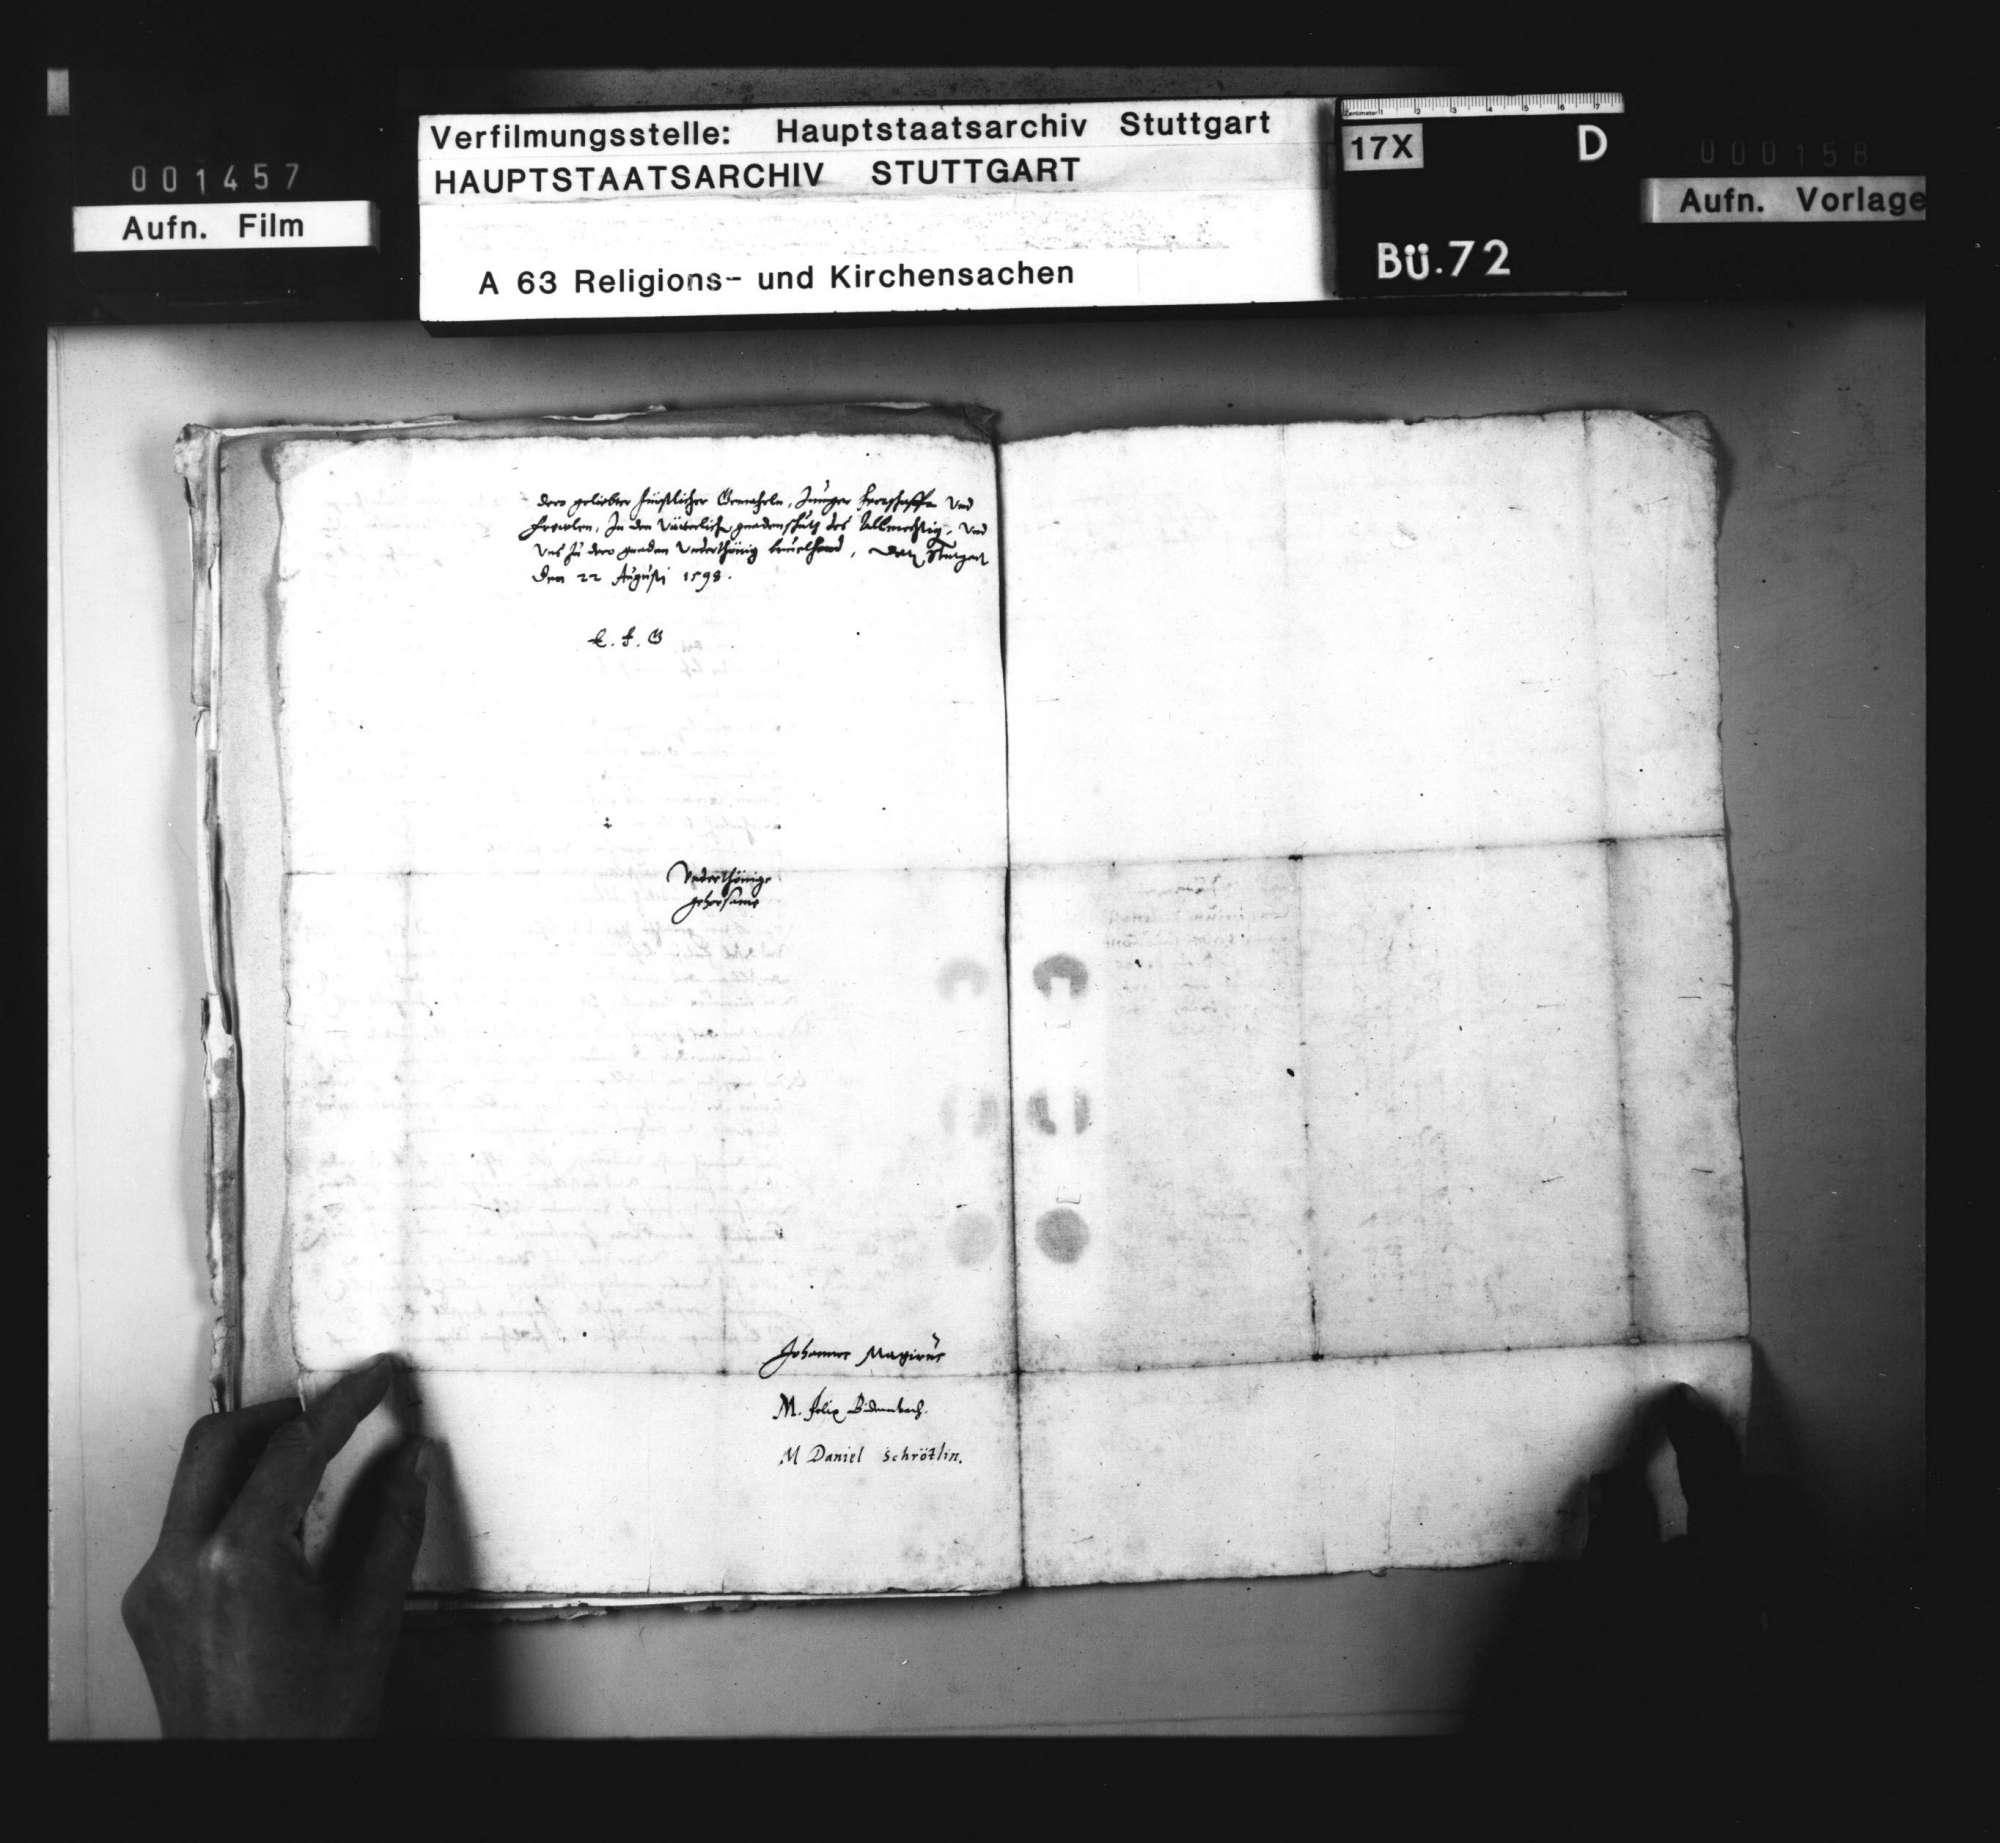 Konsistorialantrag, den Druck einer apologetischen Schrift des Andreas Osiander betreffend., Bild 3